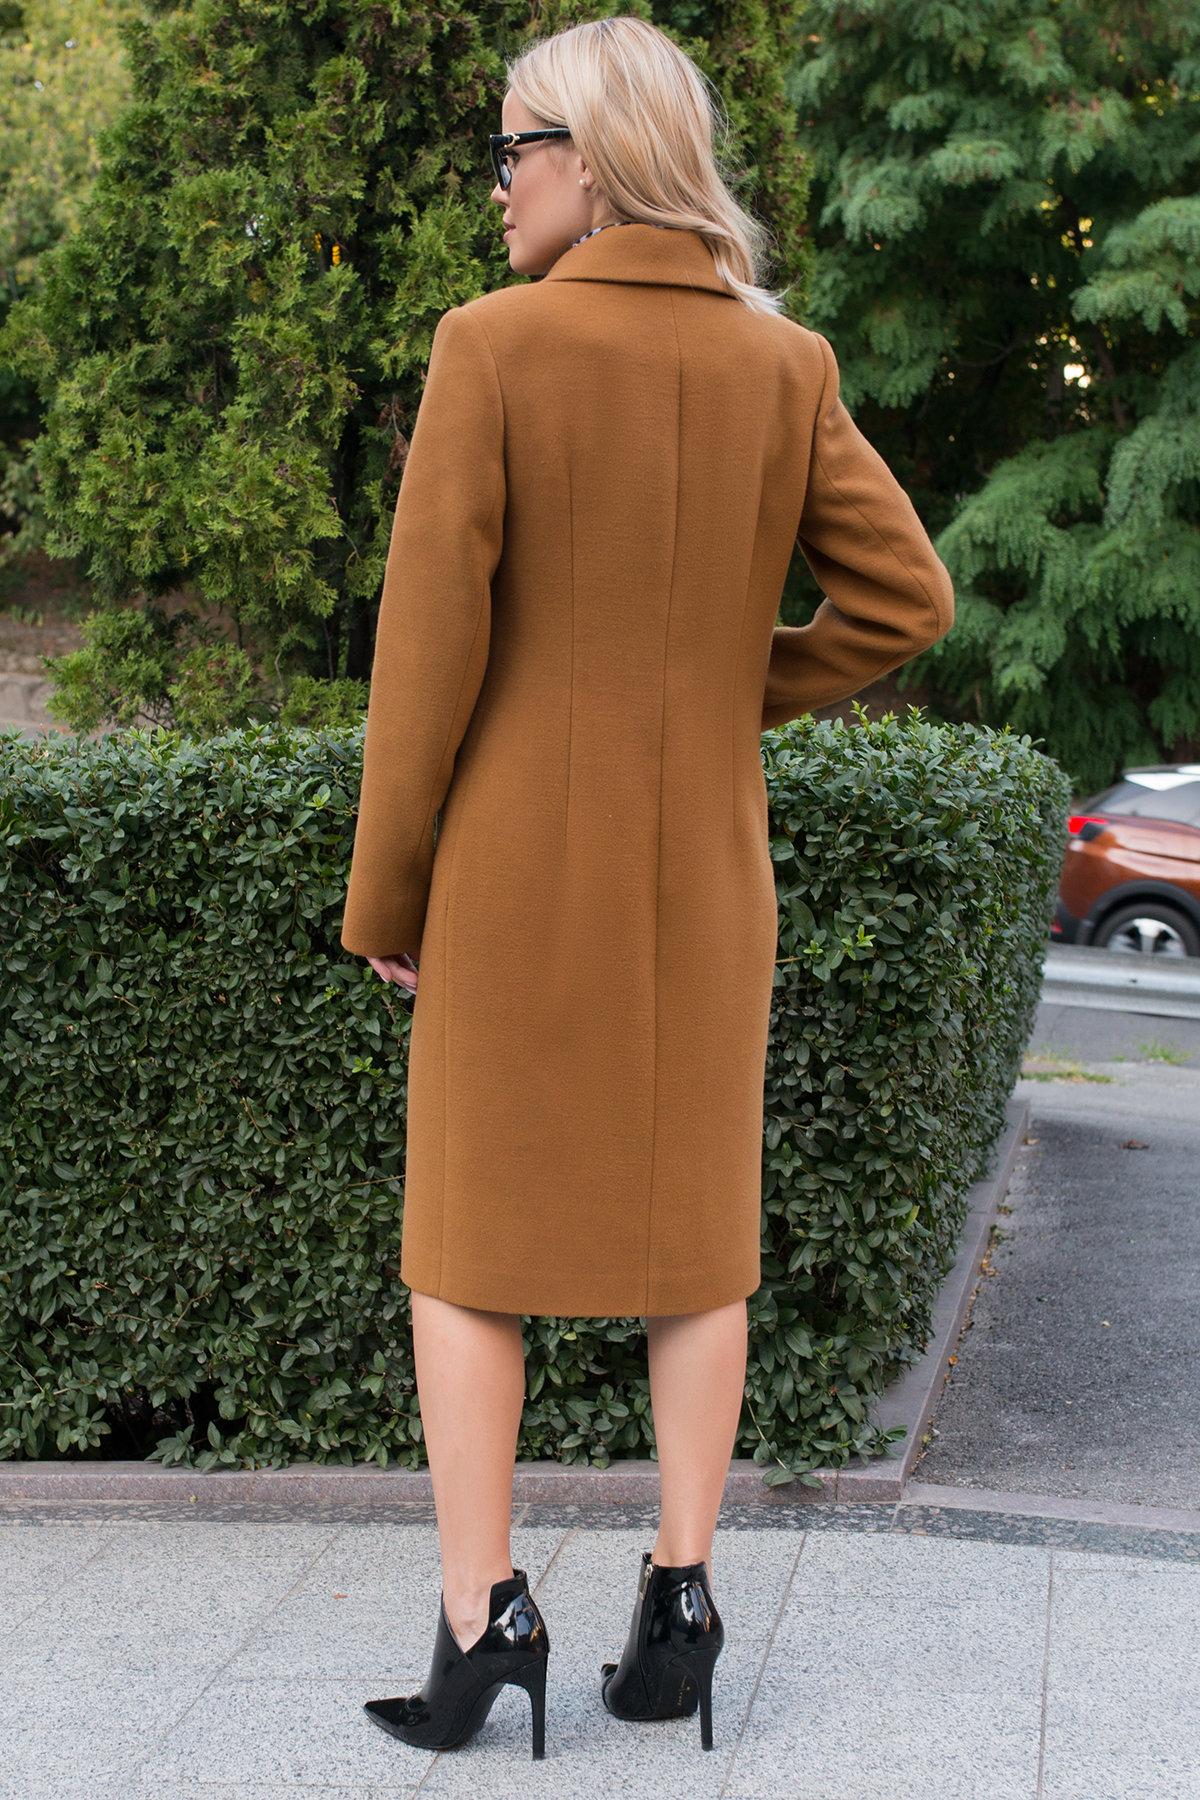 Пальто осенние Кареро 7968 АРТ. 43927 Цвет: Кемел - фото 4, интернет магазин tm-modus.ru